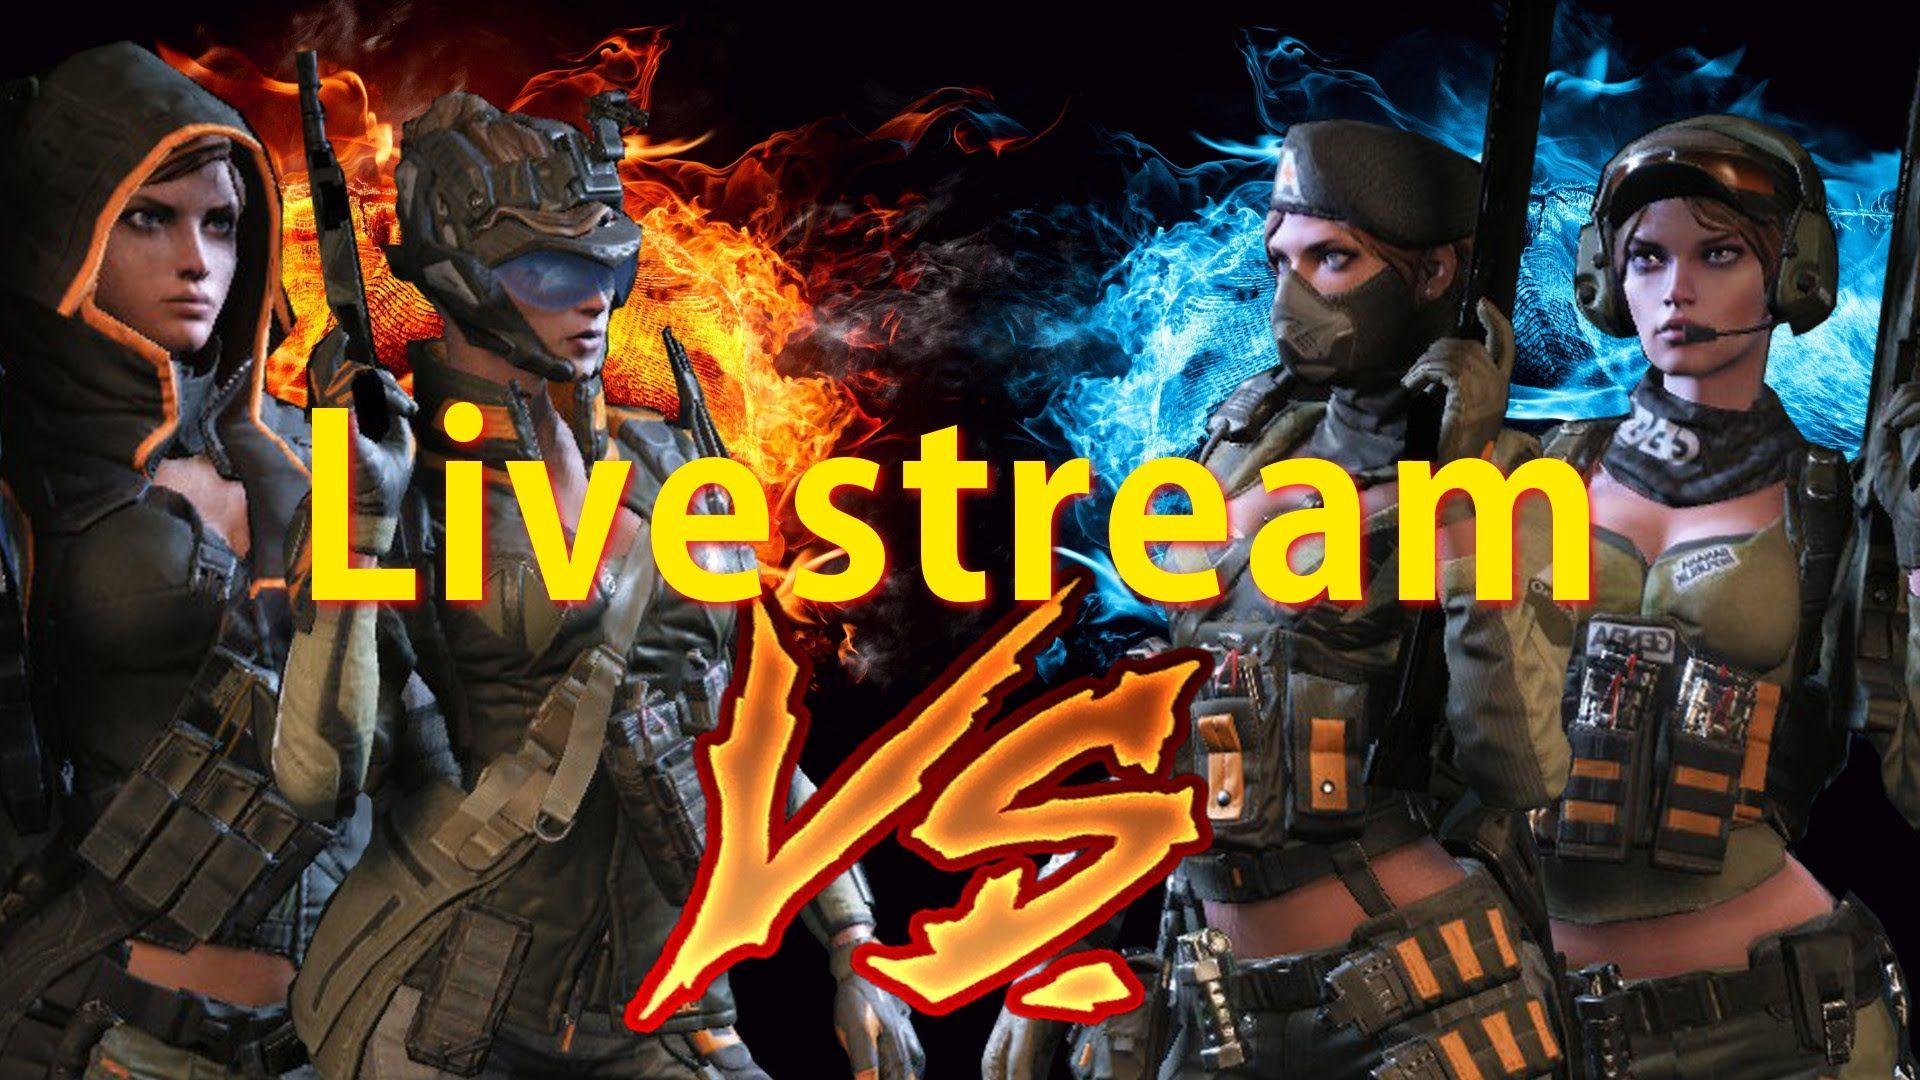 Imperio Azteca Clan Wars Livestream con teamspeak 7 vs 7 | Gaming